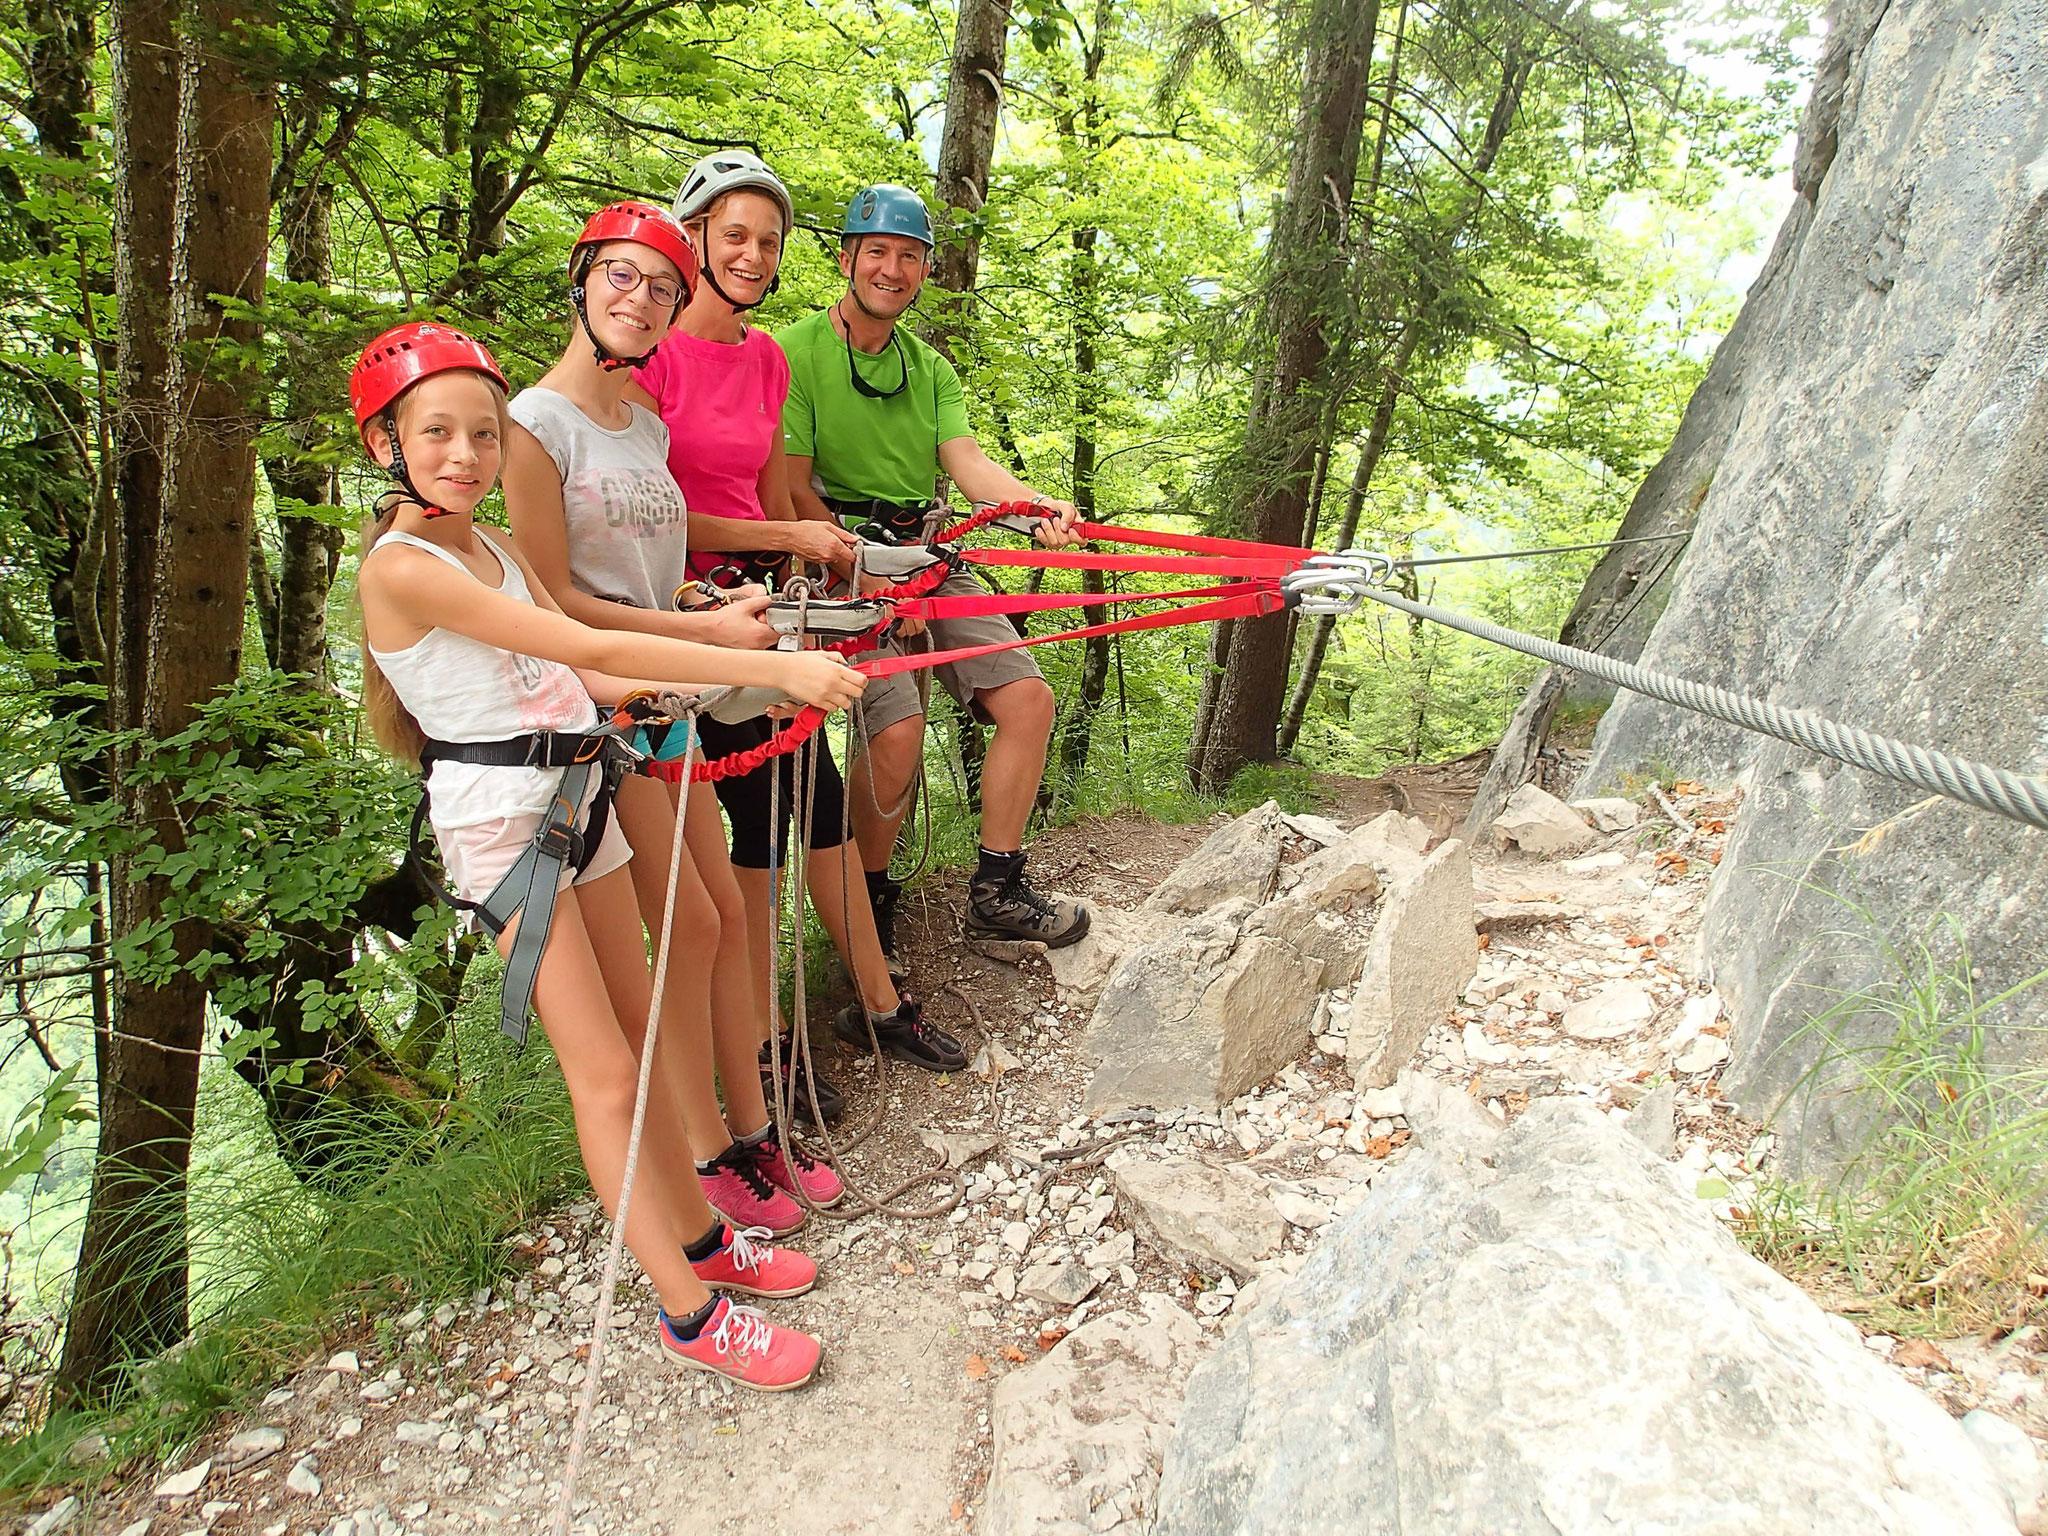 Chlotilde, Lison, Sandrine et Philippe testent leur matériel